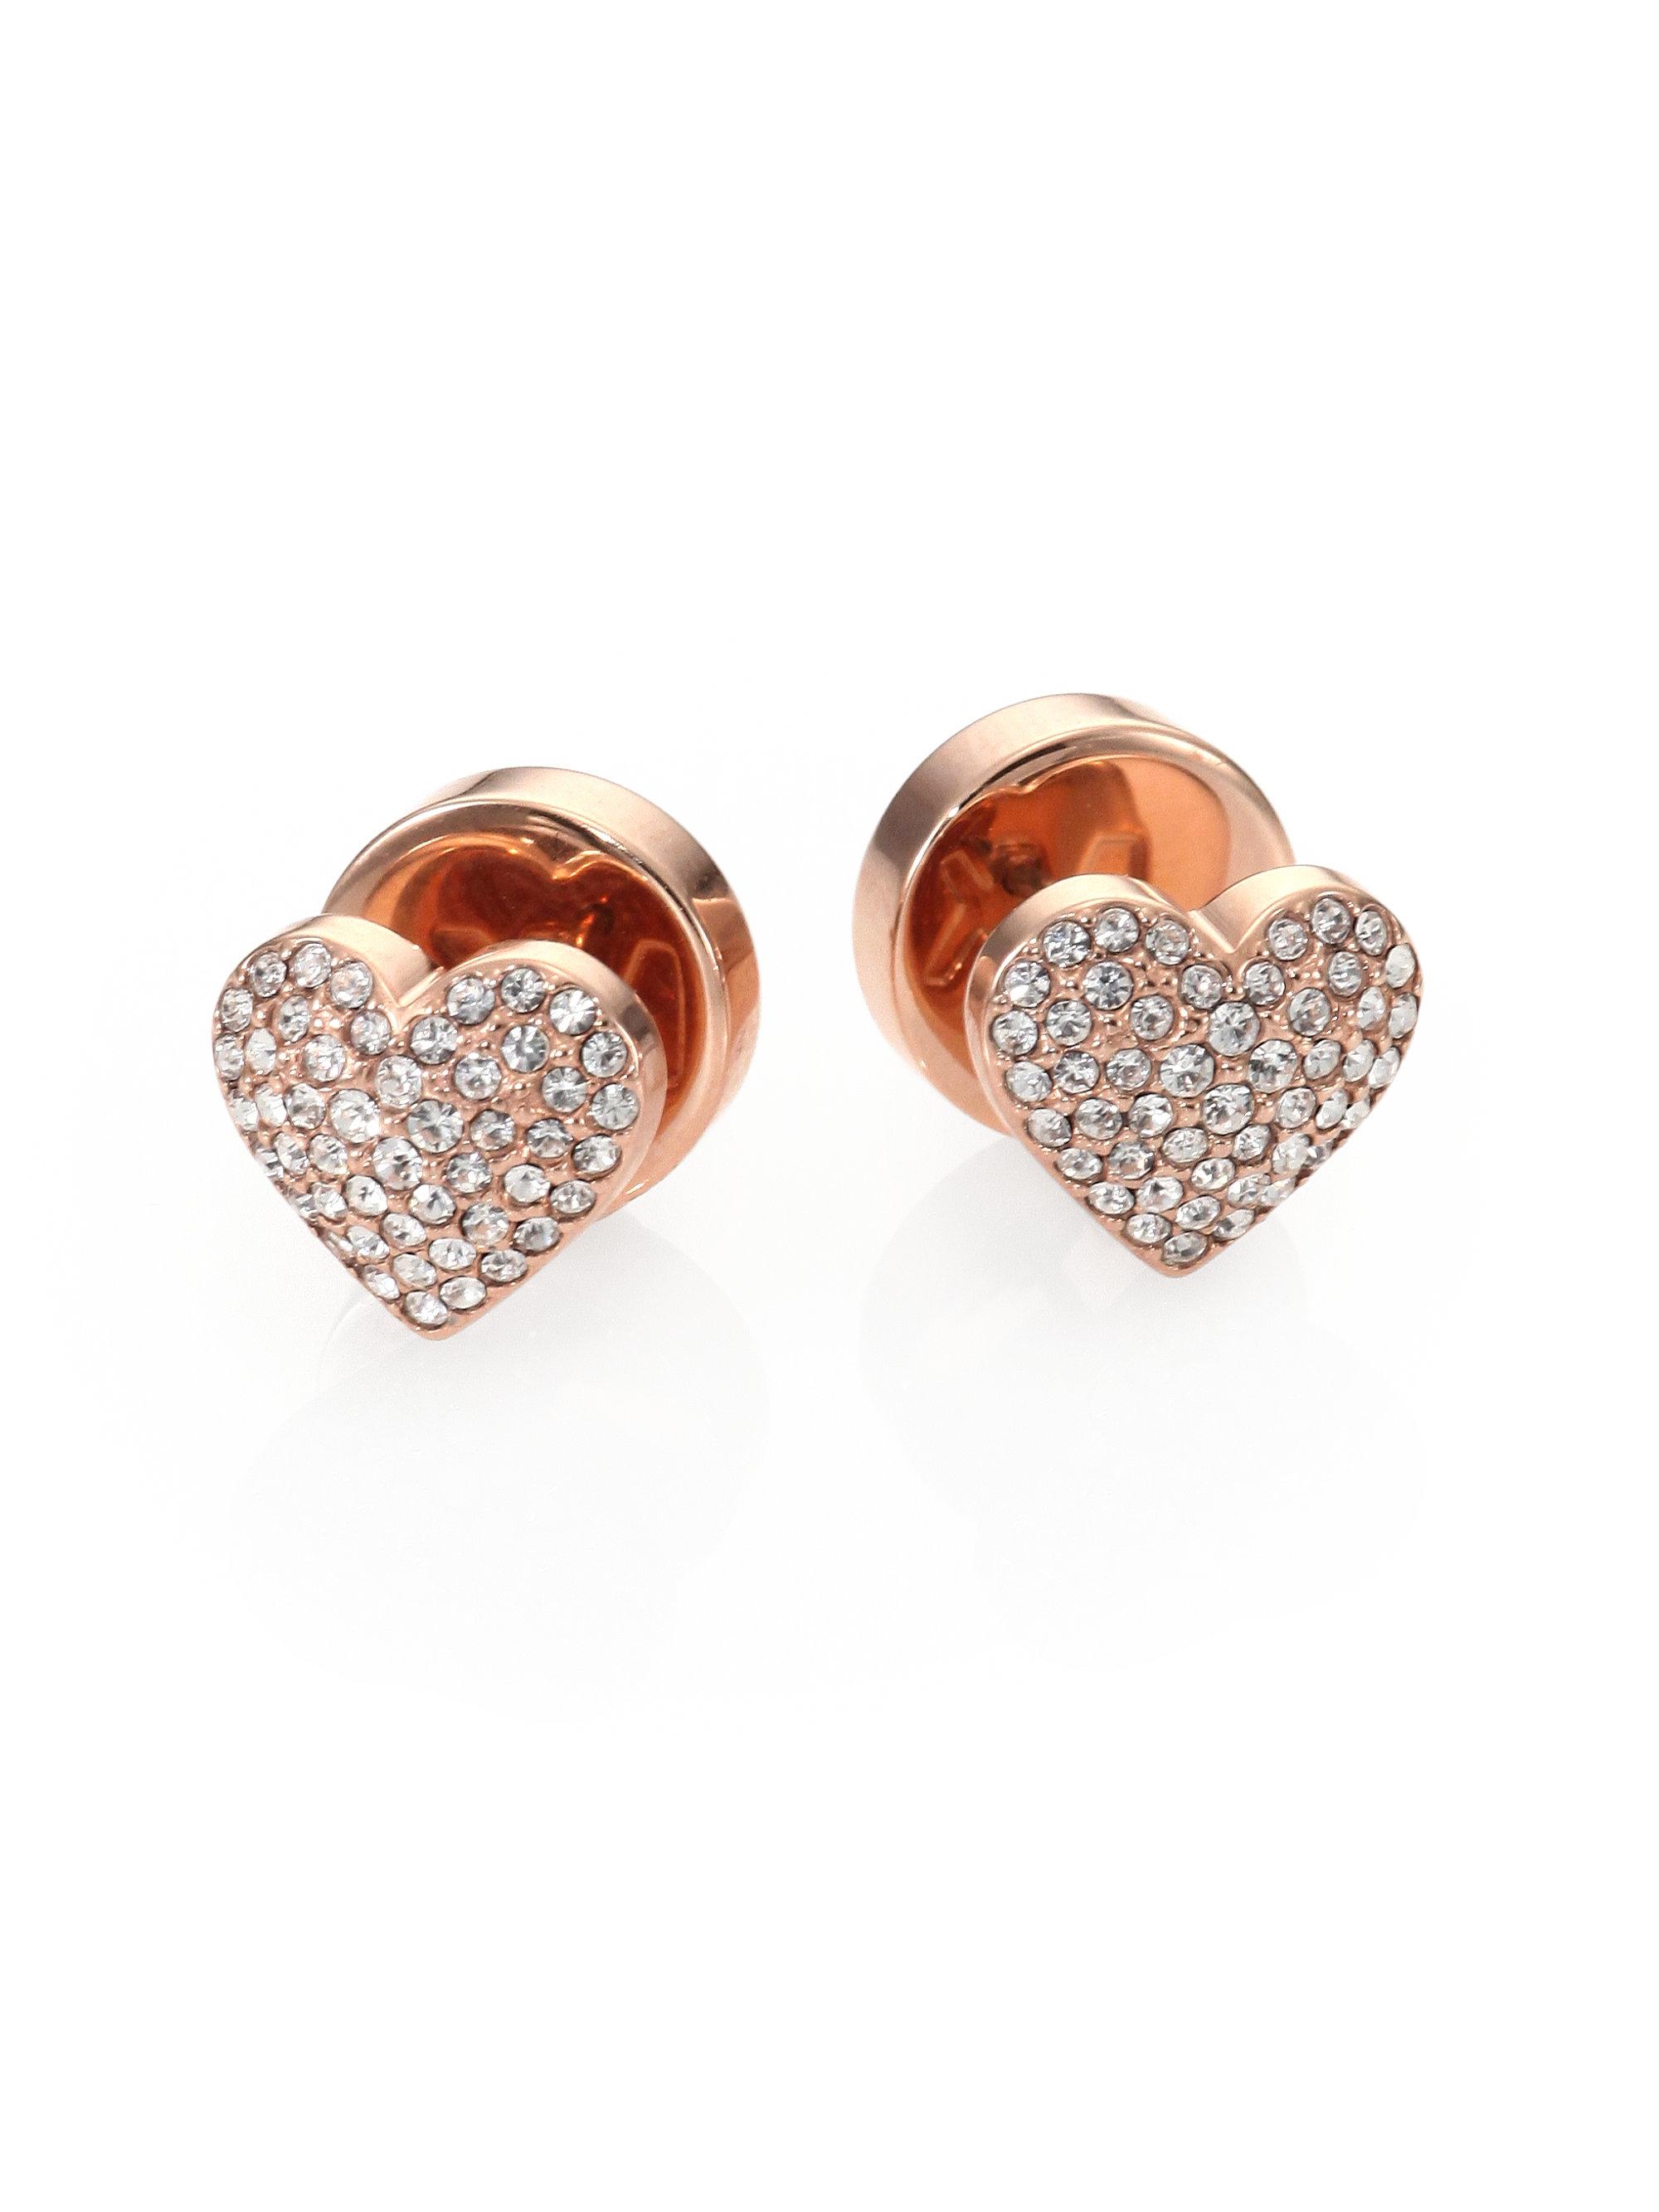 e25fec113f69 Lyst Michael Kors Pav Eacute Heart Stud Earrings In Metallic